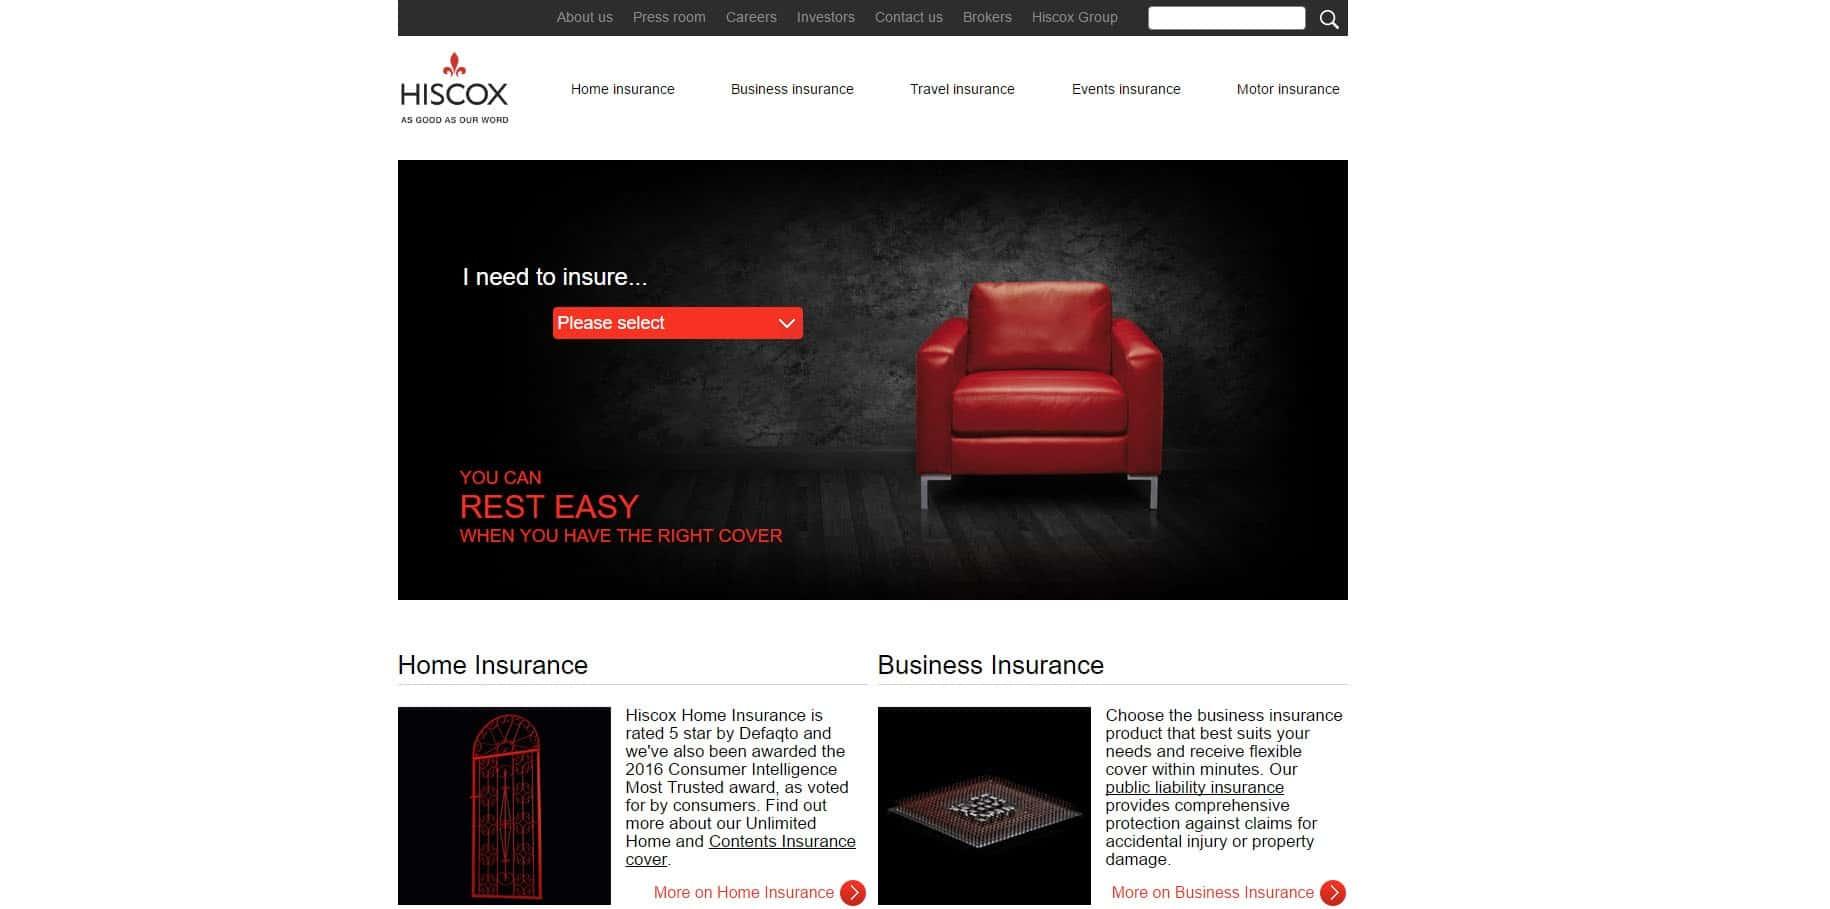 Hiscox Website - Screenshot